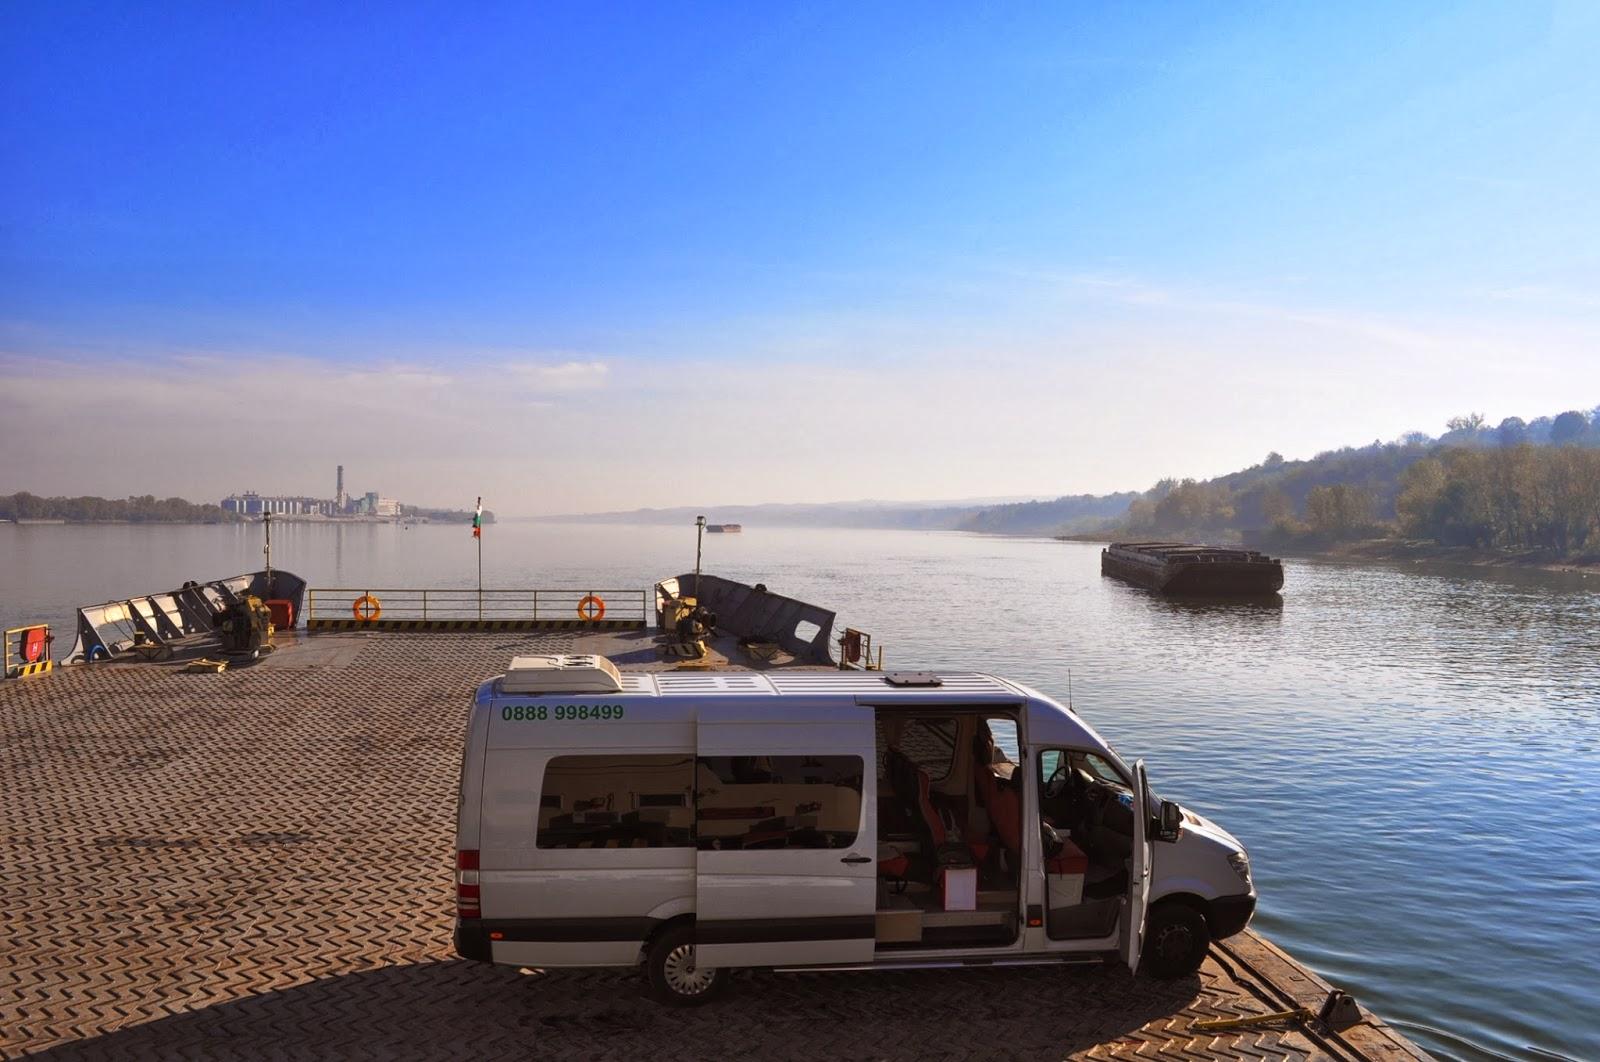 """От Свищов взимаме """"ферито"""" за отсрещния град Зимнич. Чисто новият фериботен комплекс е частна инвестиция на румънски предприемач. Както се вижда, денем водният трафик не е особено интензивен, но вечерно време фериботът се пълни със свищовски студенти на път за отсрещната дискотека."""